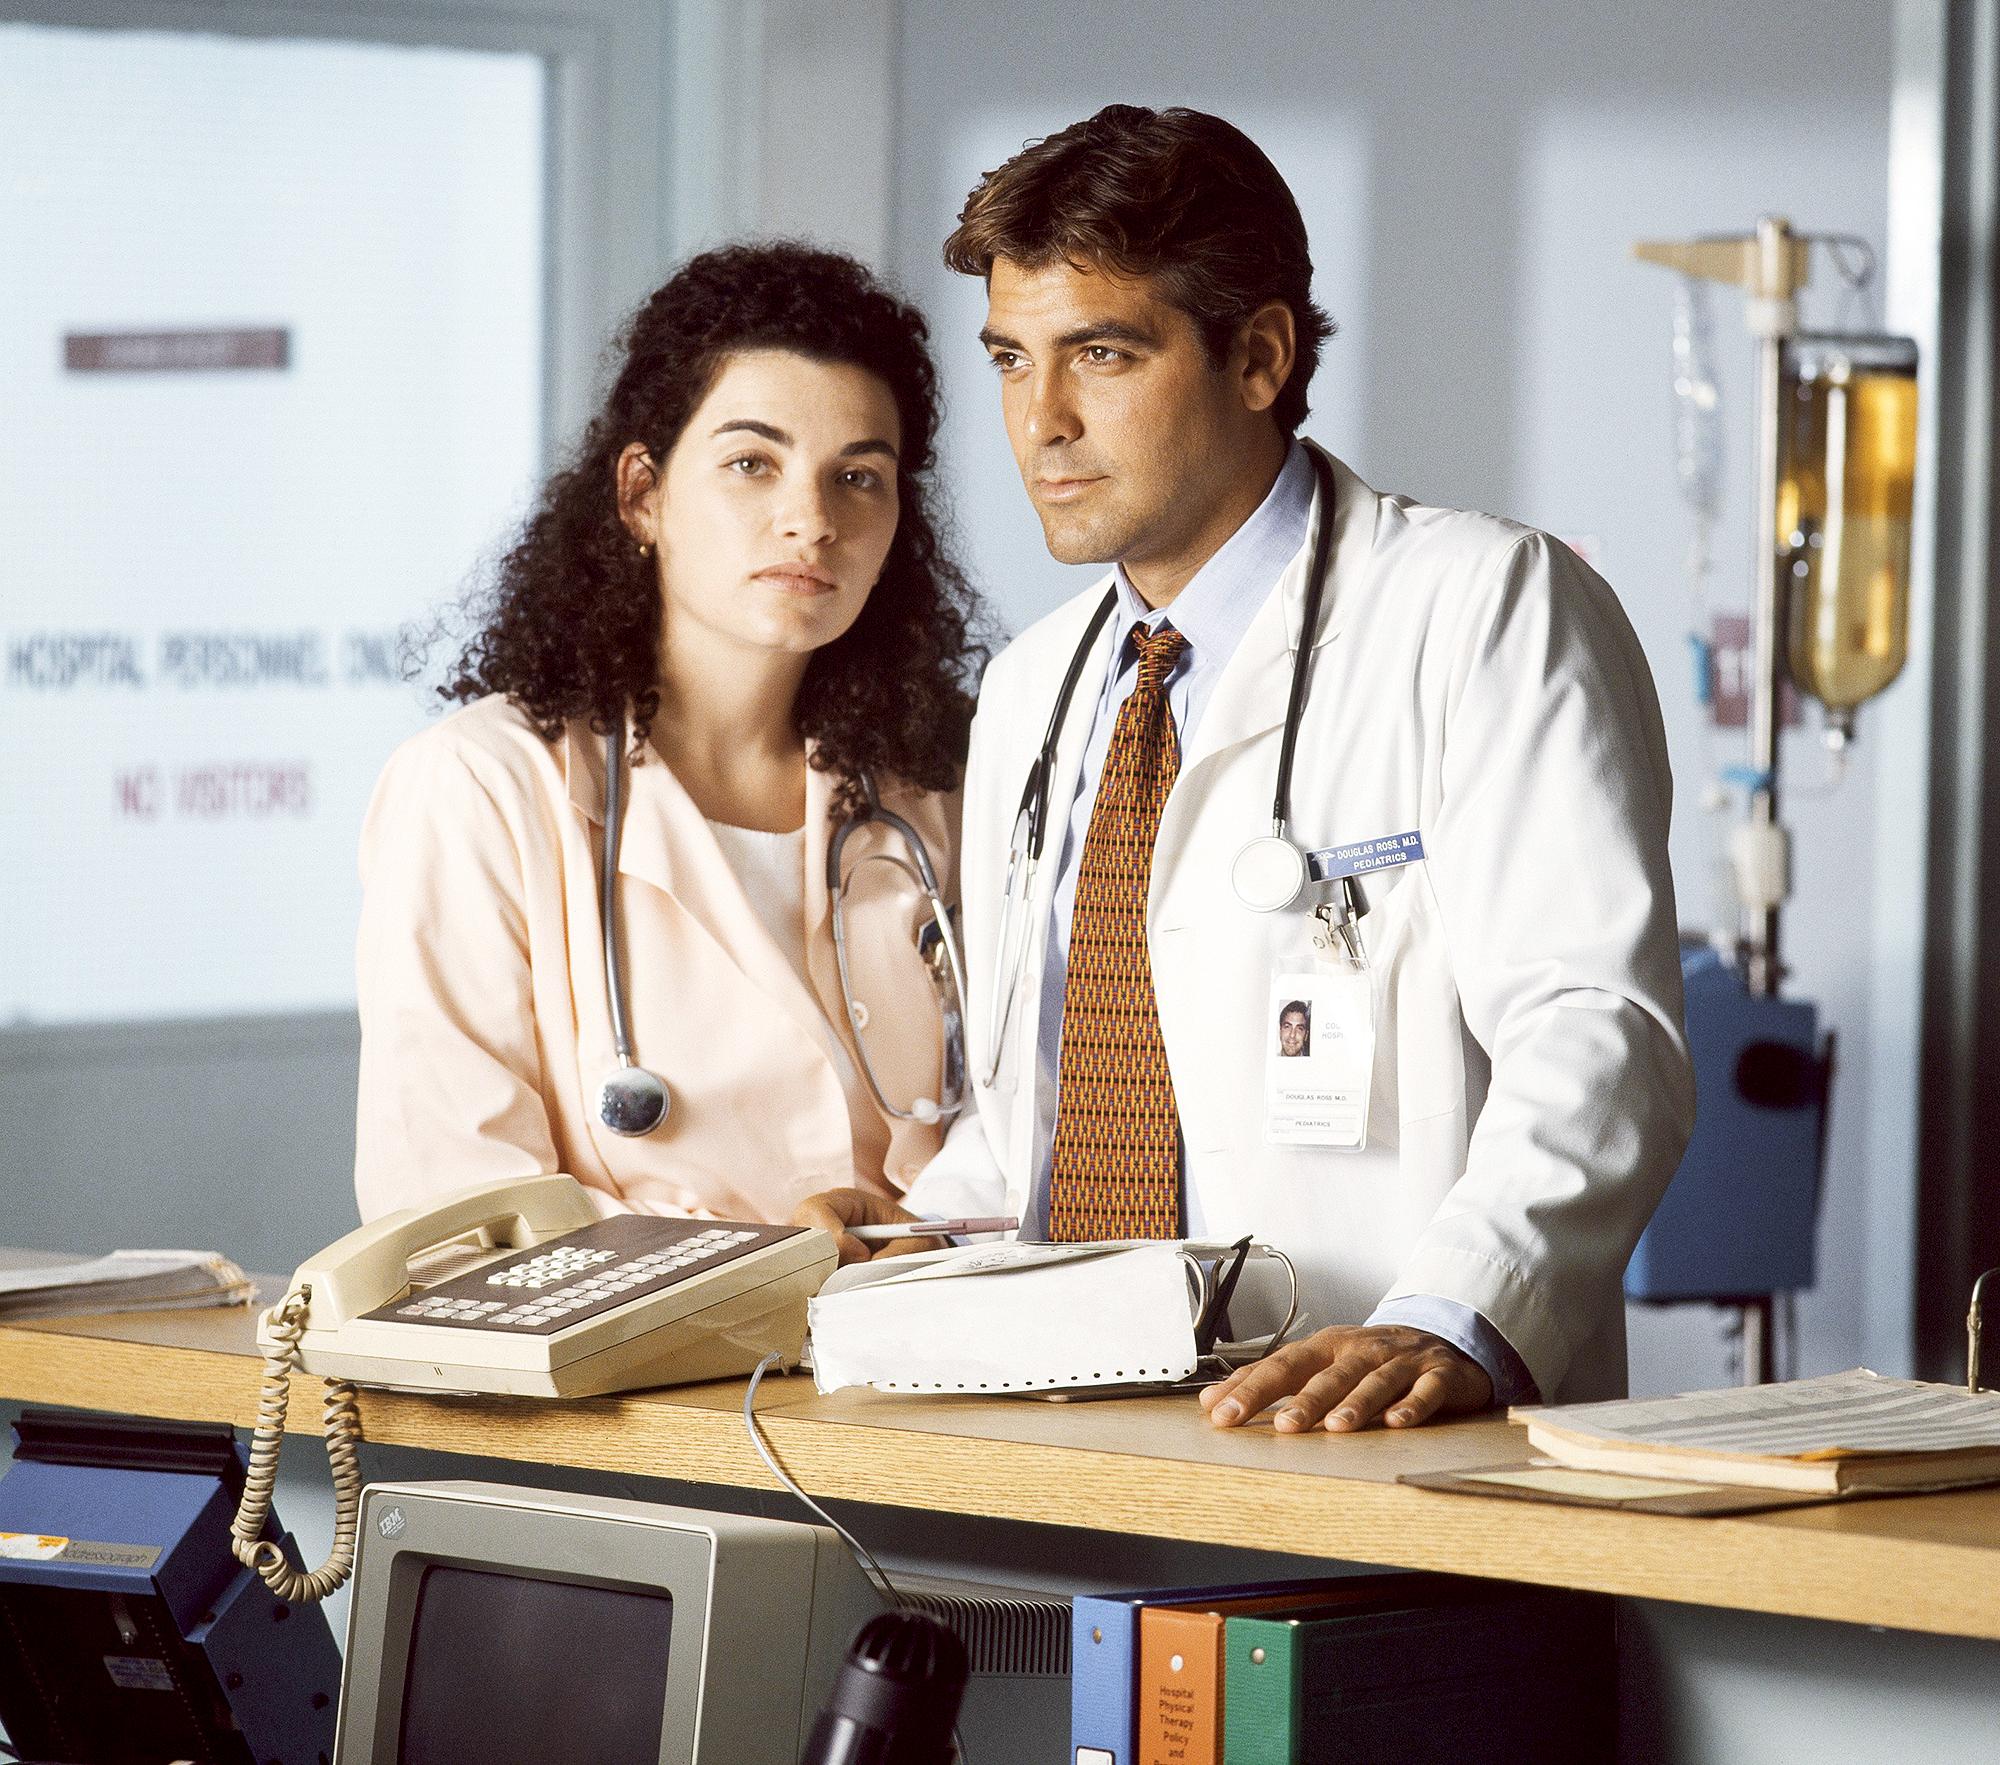 Julianna-Margulies-ER-Reunion-George-Clooney